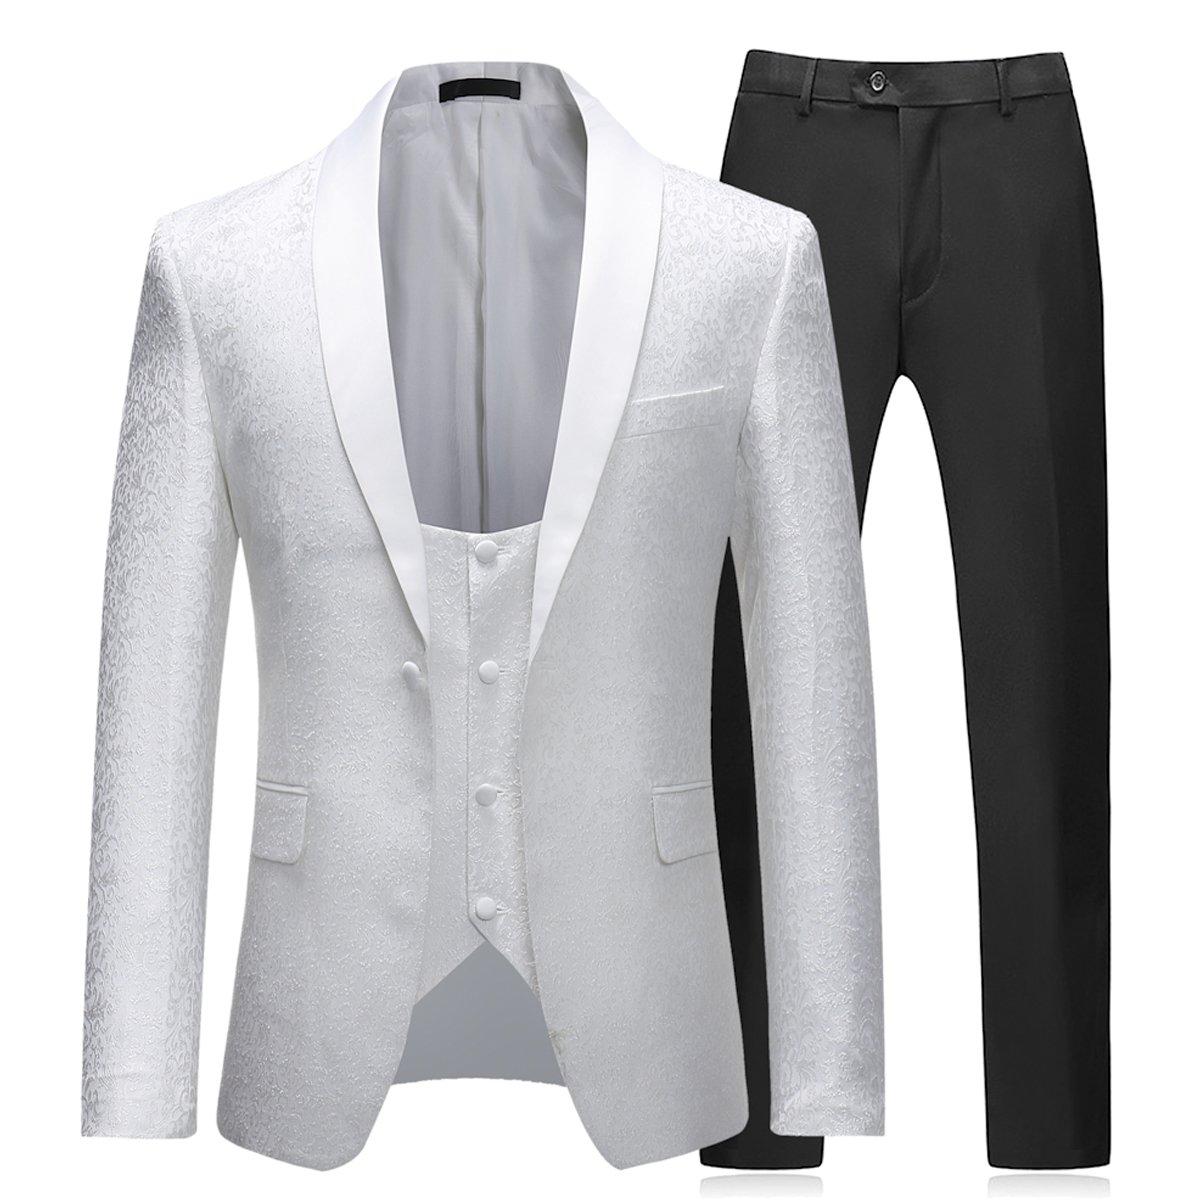 Abito da Uomo 3 Pezzi Slim Fit Wedding Abiti da Pranzo per Uomo Giacca Scialle Bavero Bavero Giacca Gilet Pantaloni